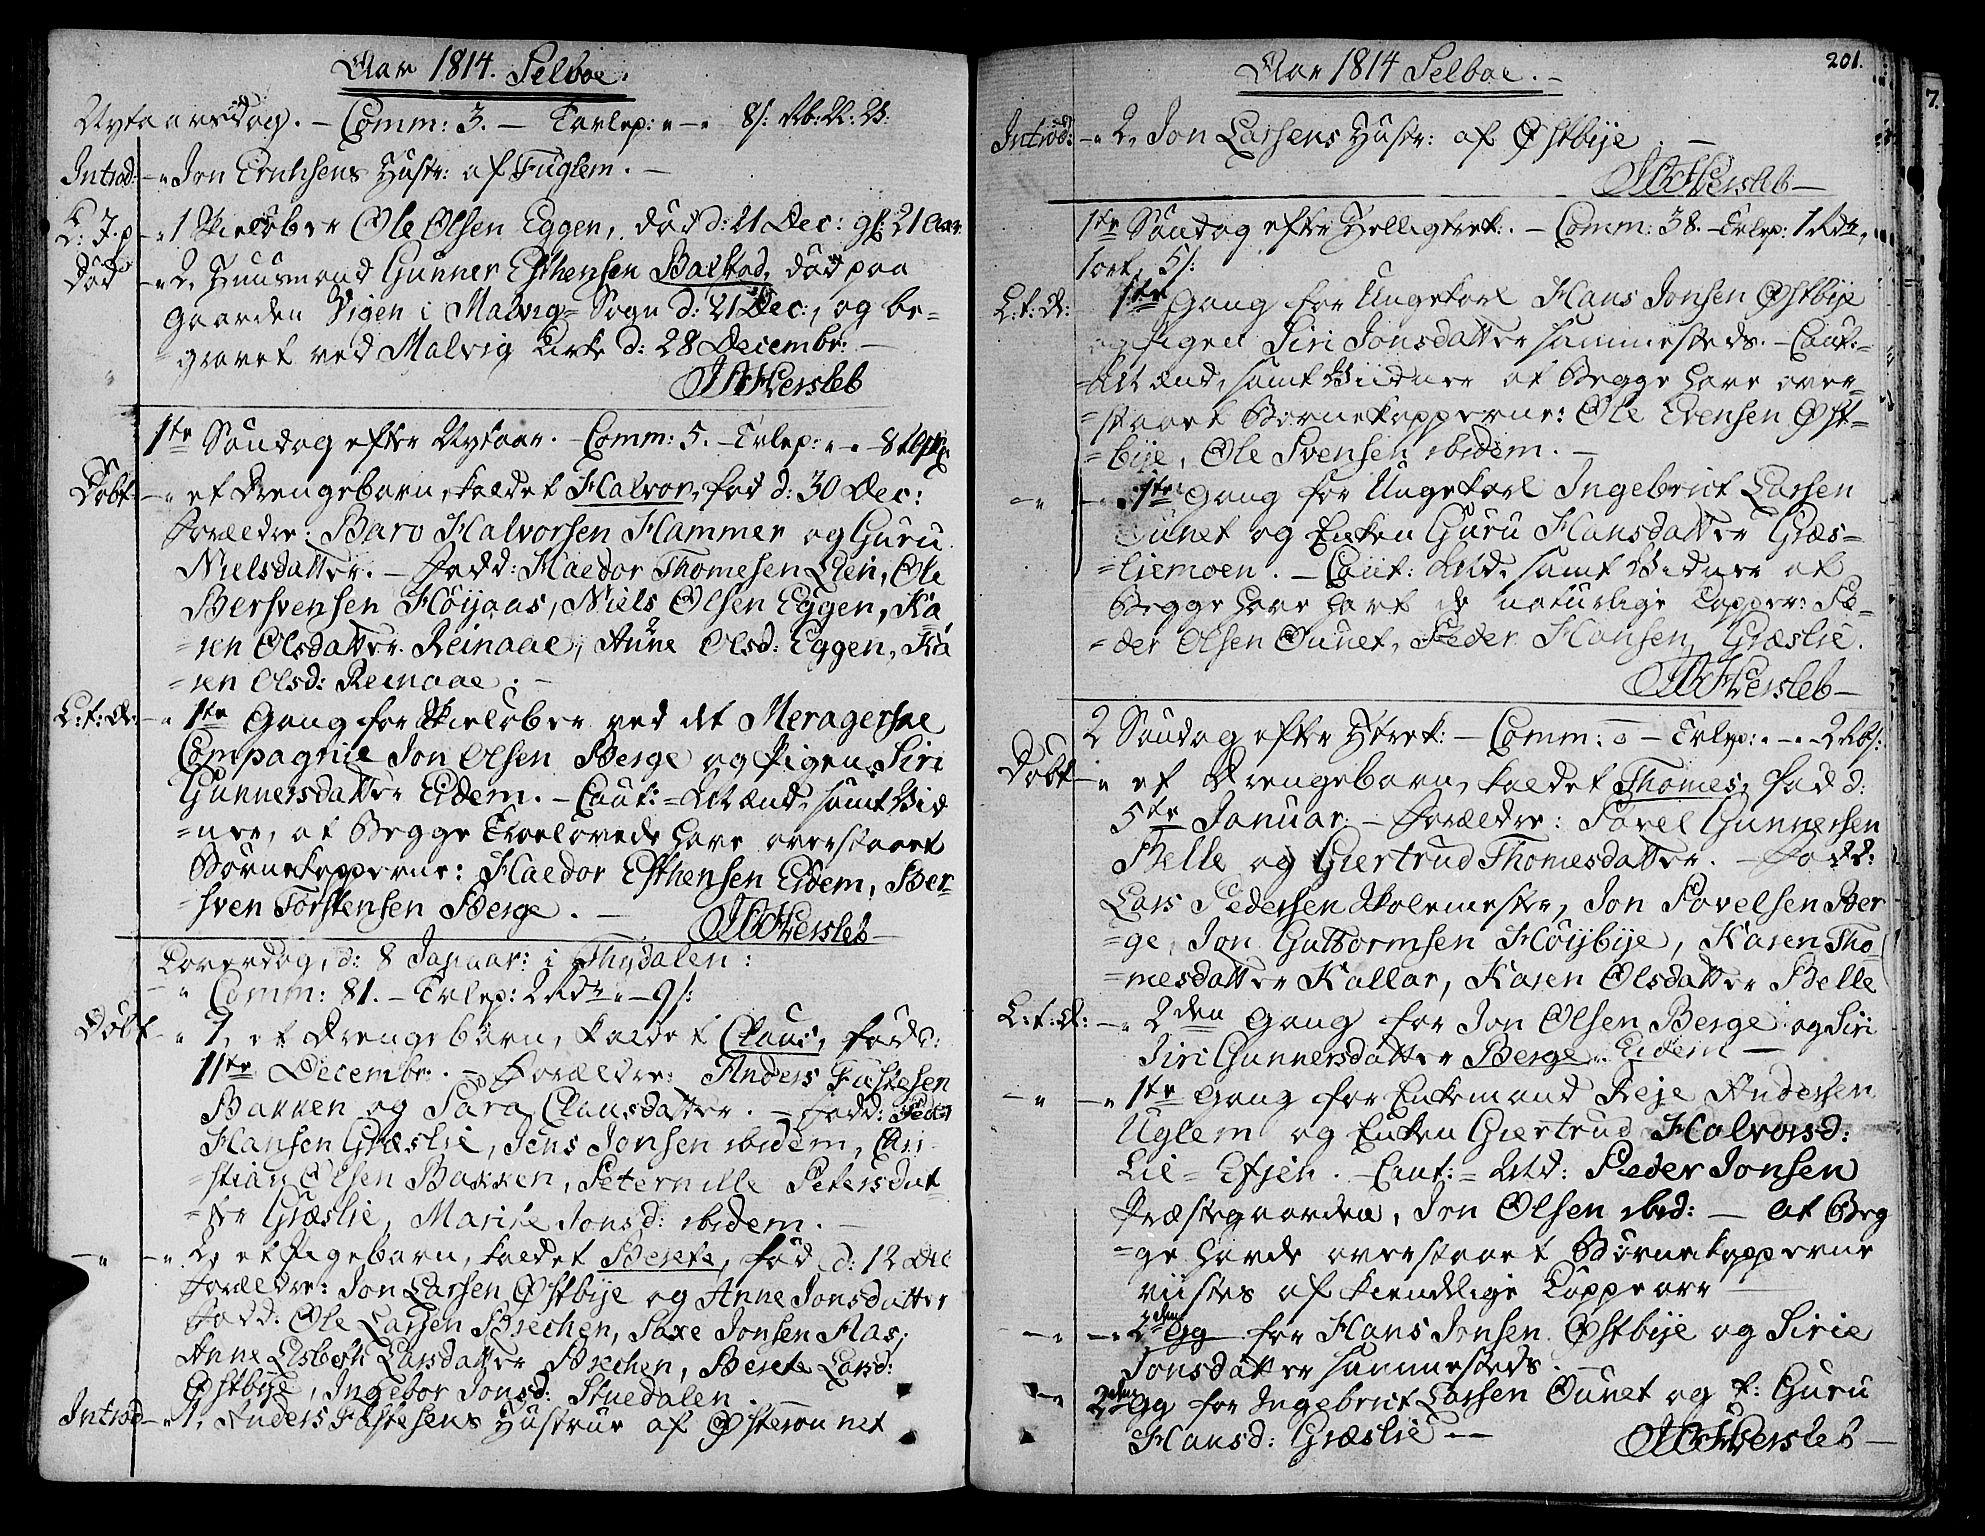 SAT, Ministerialprotokoller, klokkerbøker og fødselsregistre - Sør-Trøndelag, 695/L1140: Ministerialbok nr. 695A03, 1801-1815, s. 201